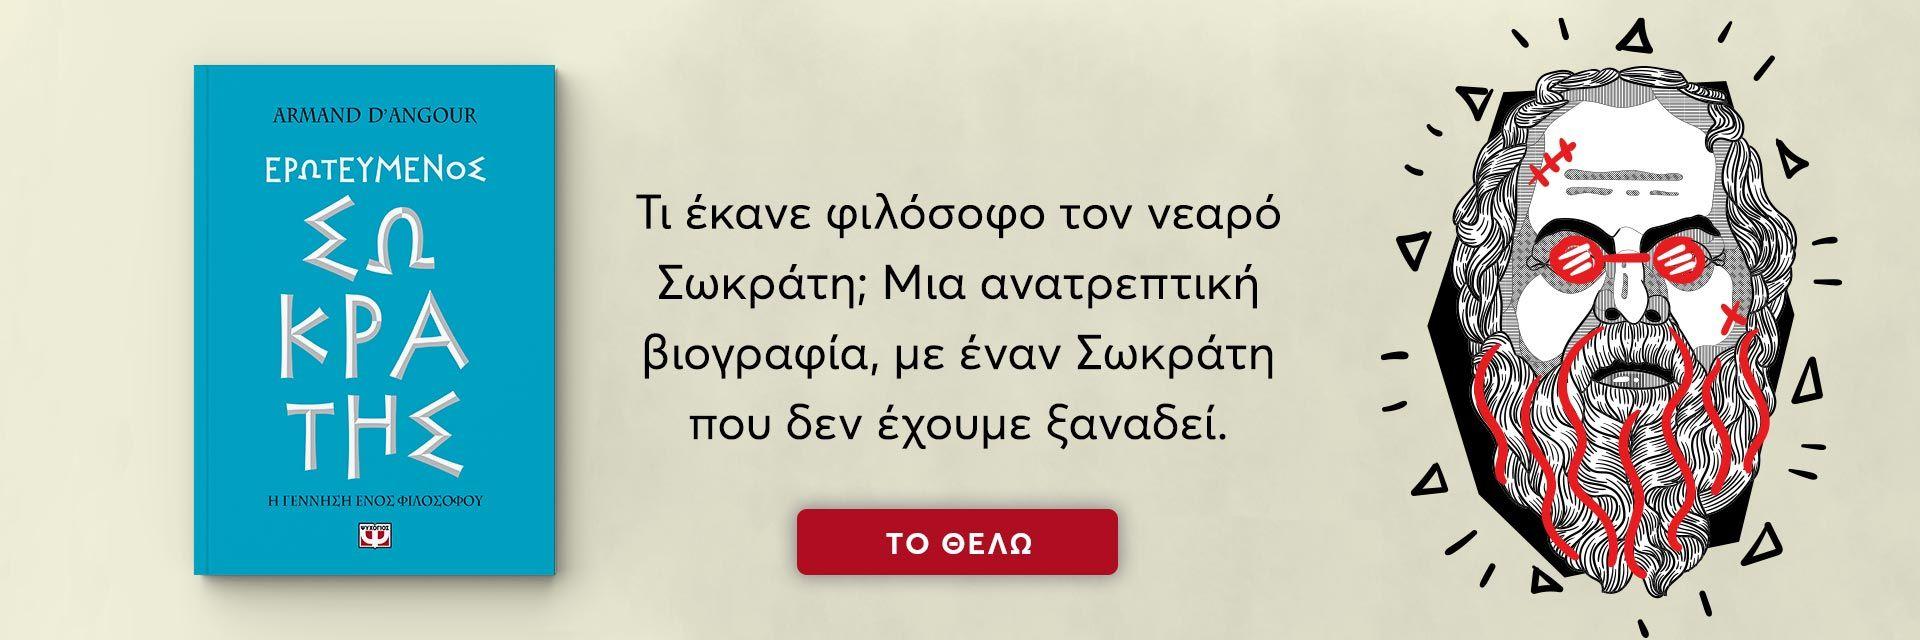 ΕΡΩΤΕΥΜΕΝΟΣ ΣΩΚΡΑΤΗΣ